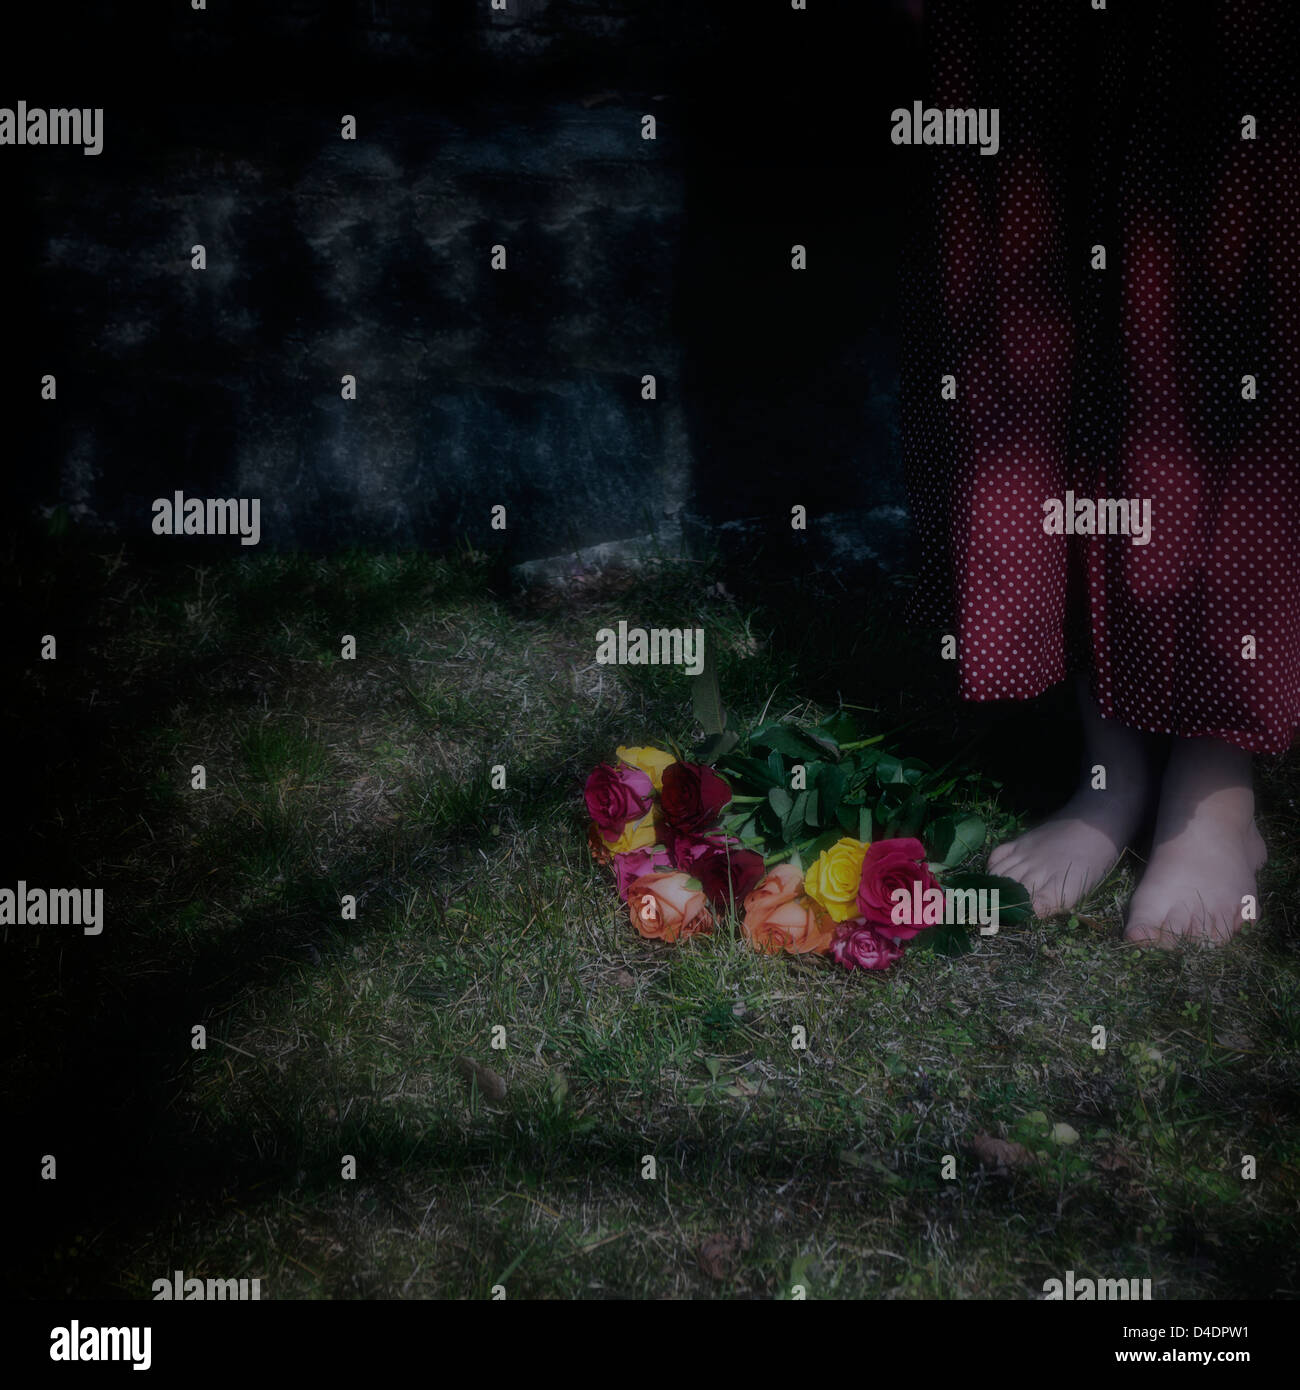 Una niña en la oscuridad, caminaba desnudo por un ramo de flores Imagen De Stock